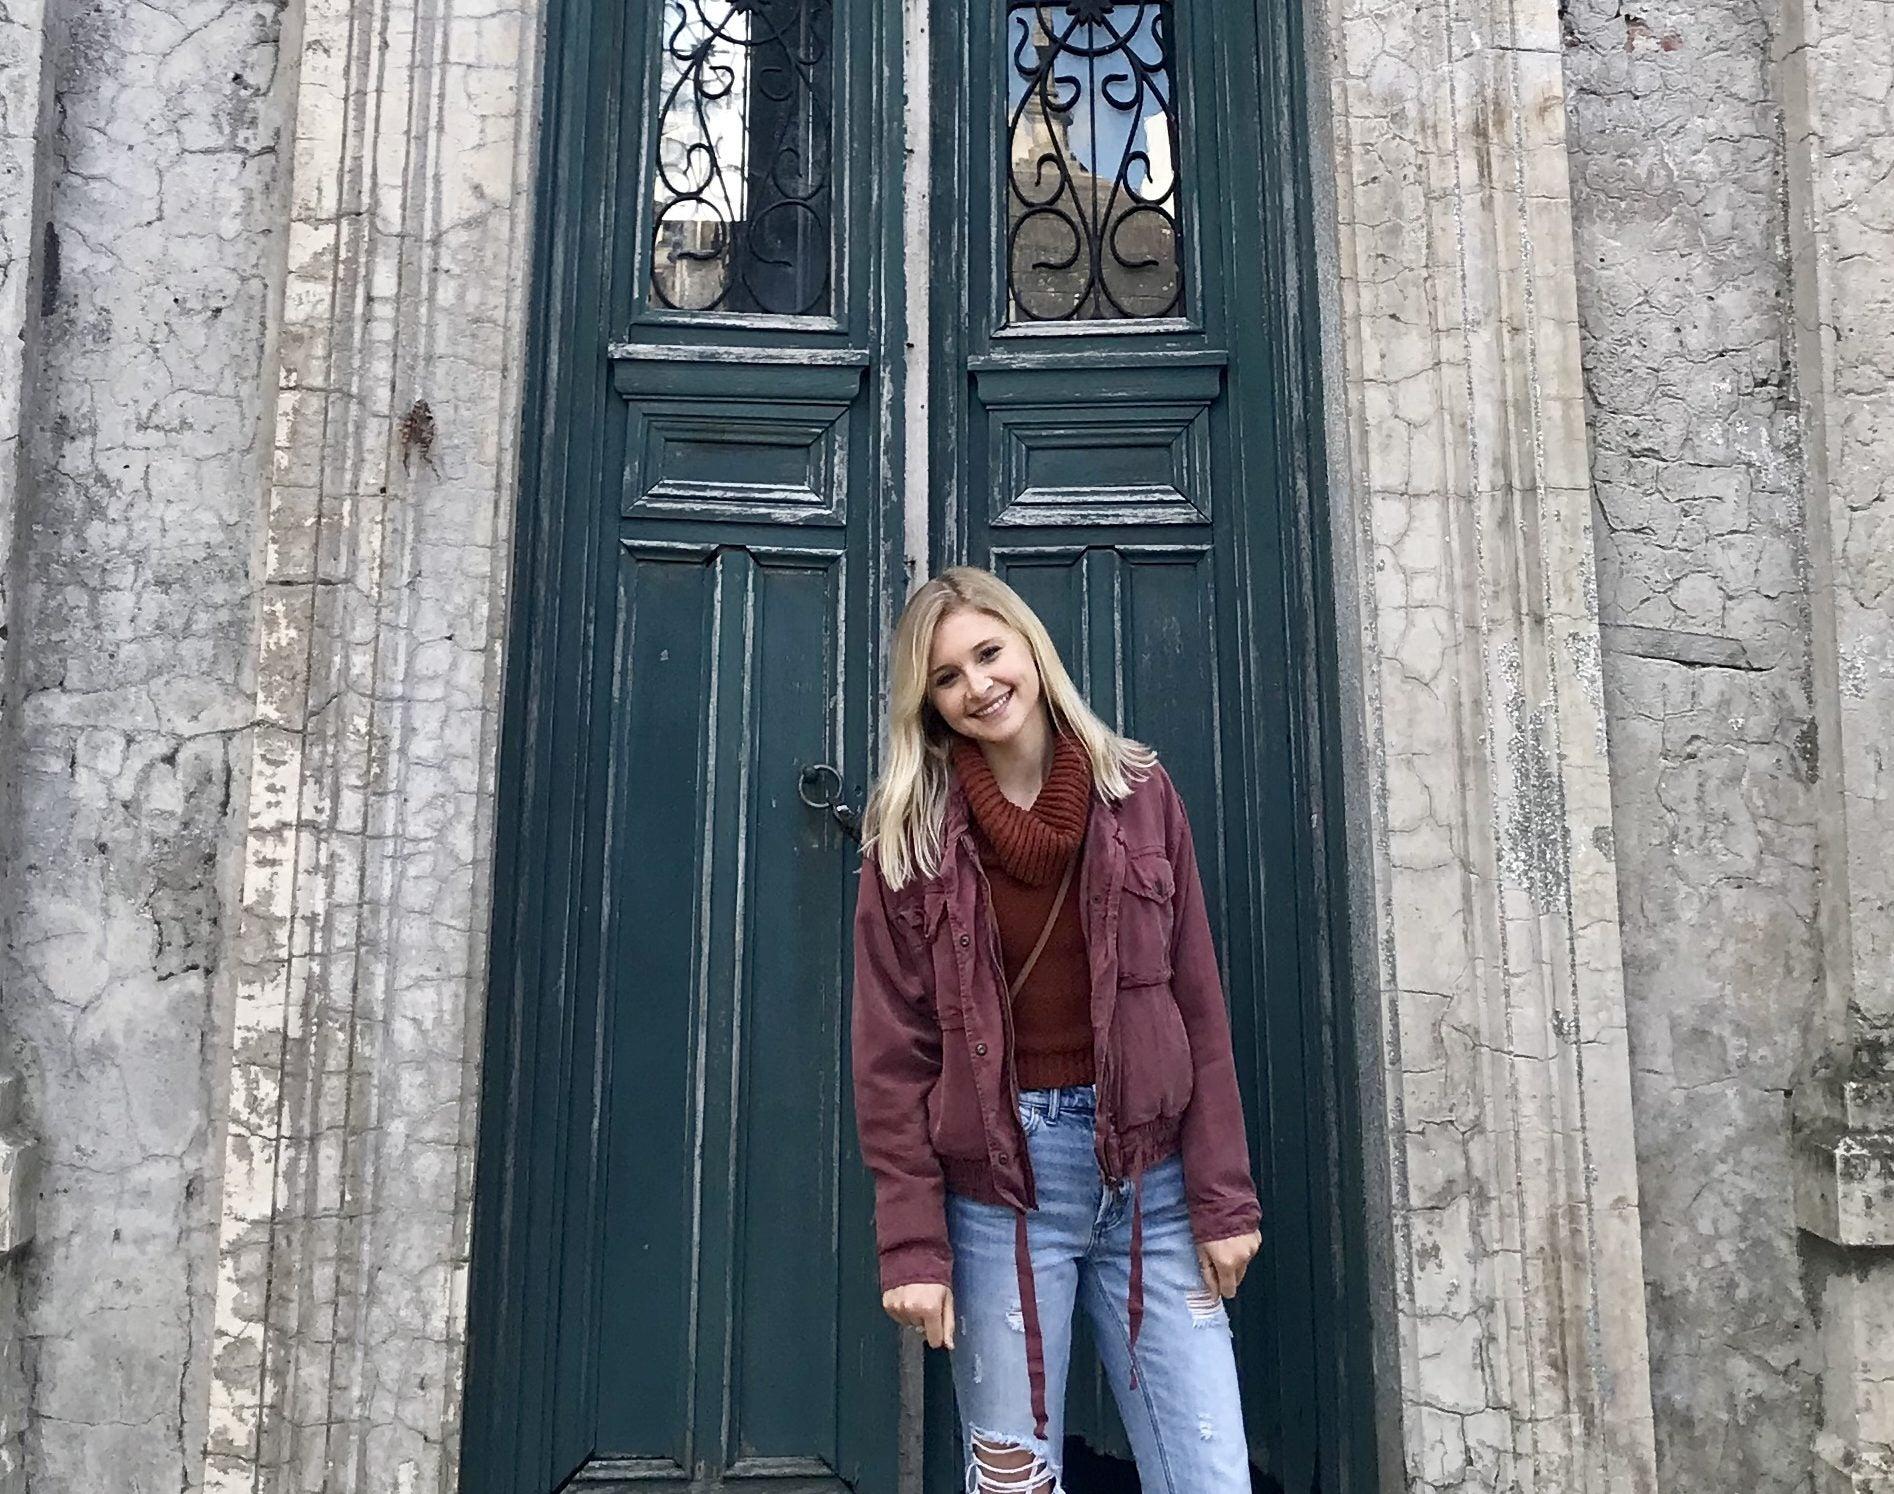 Grace Keegan standing in front of a door